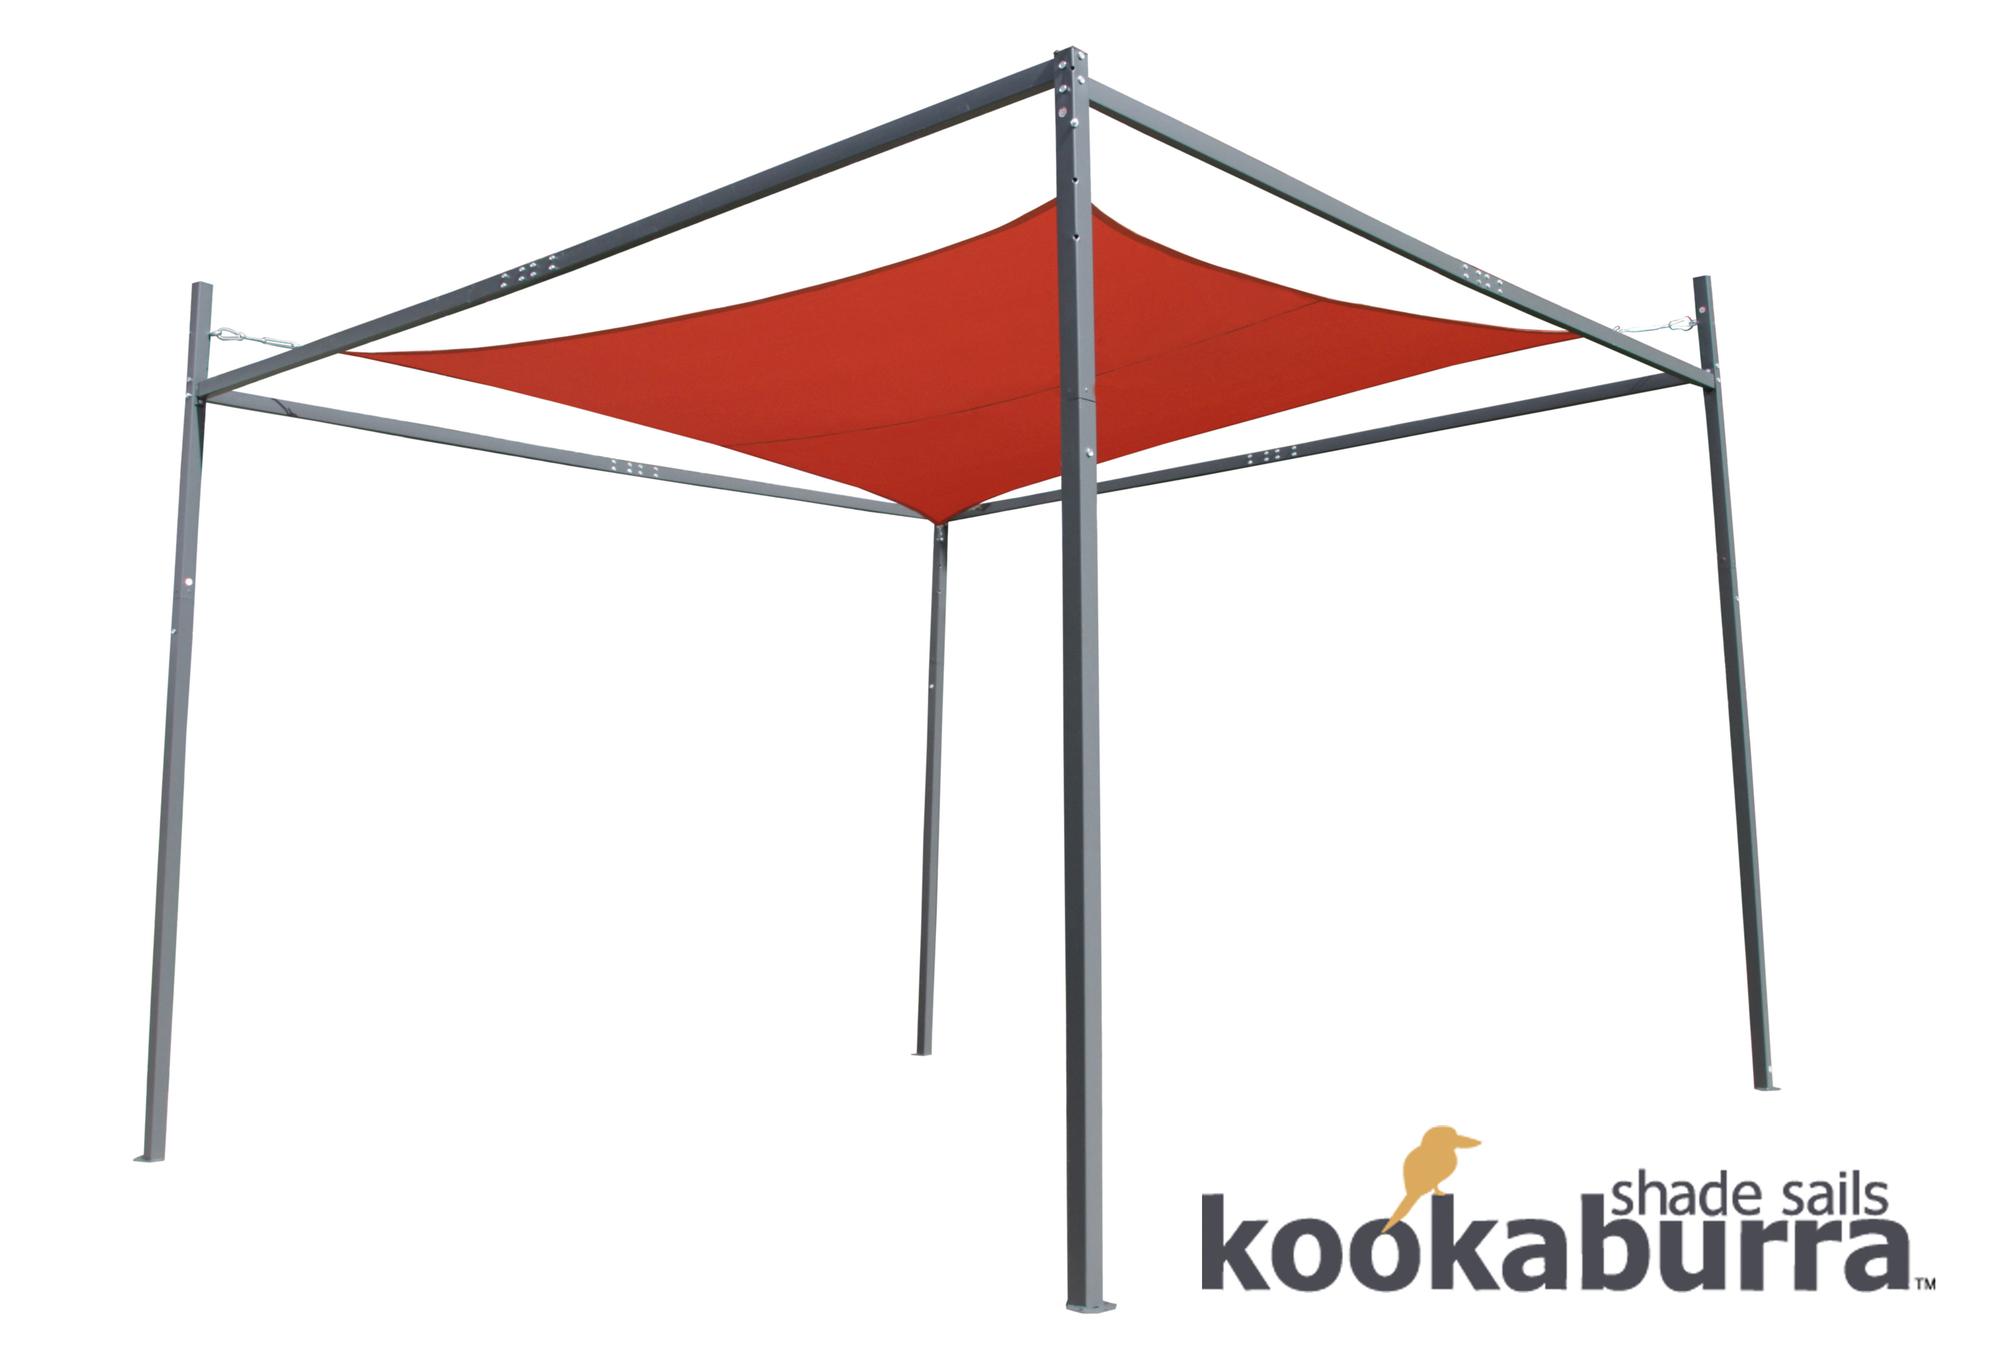 Kookaburra™ Sonnensegel-Rahmen - H 2,7 m, B 3,5 m x T 3,5 m 119,99 €